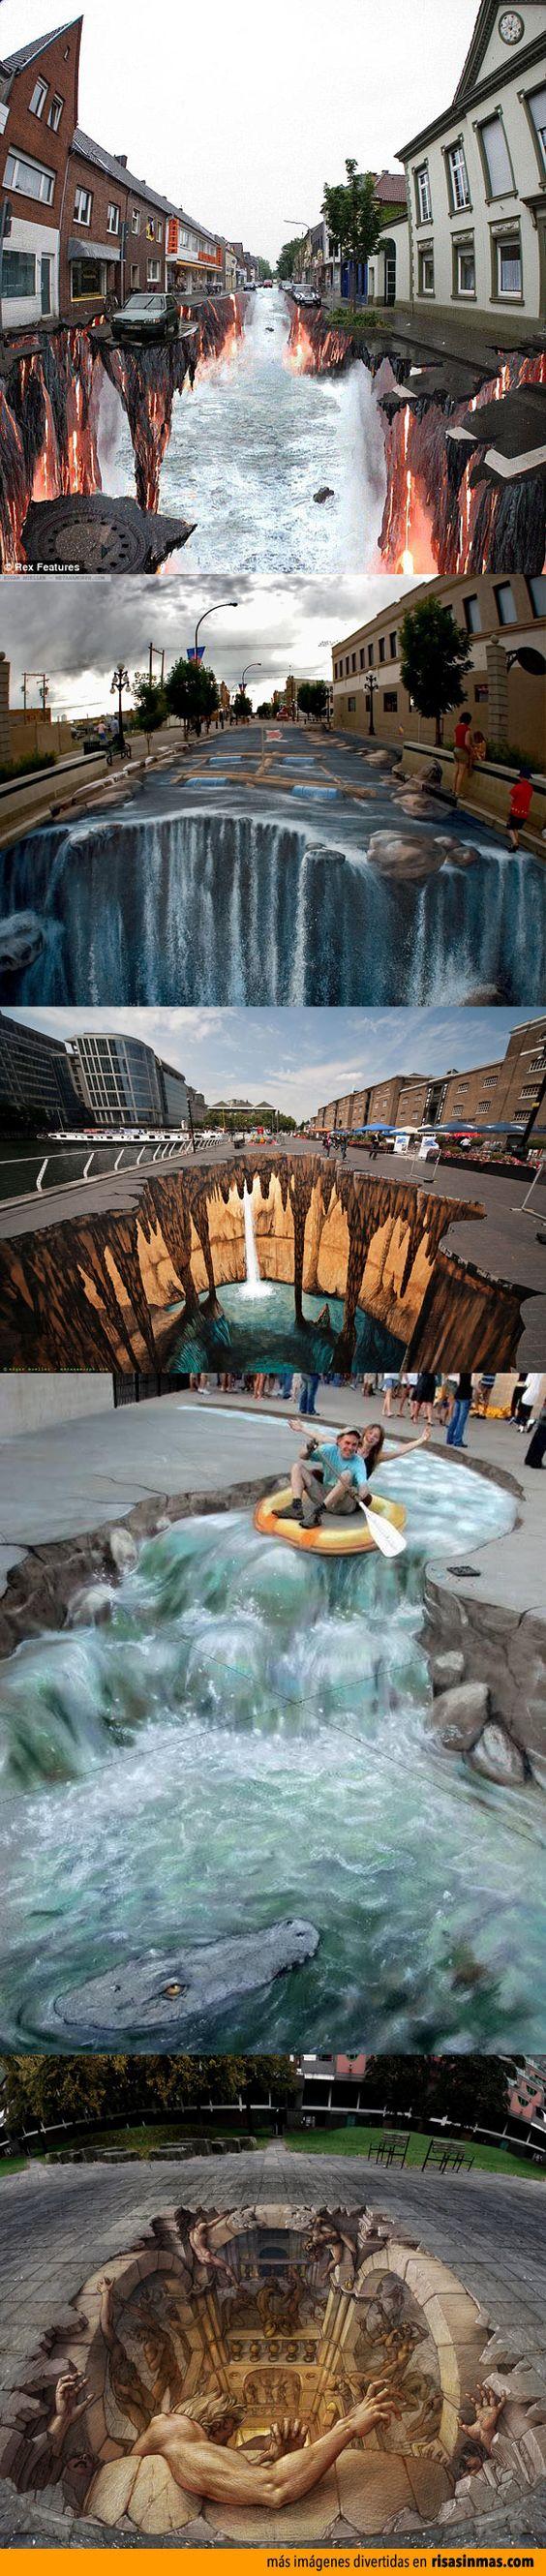 Arte callejero espectacular.